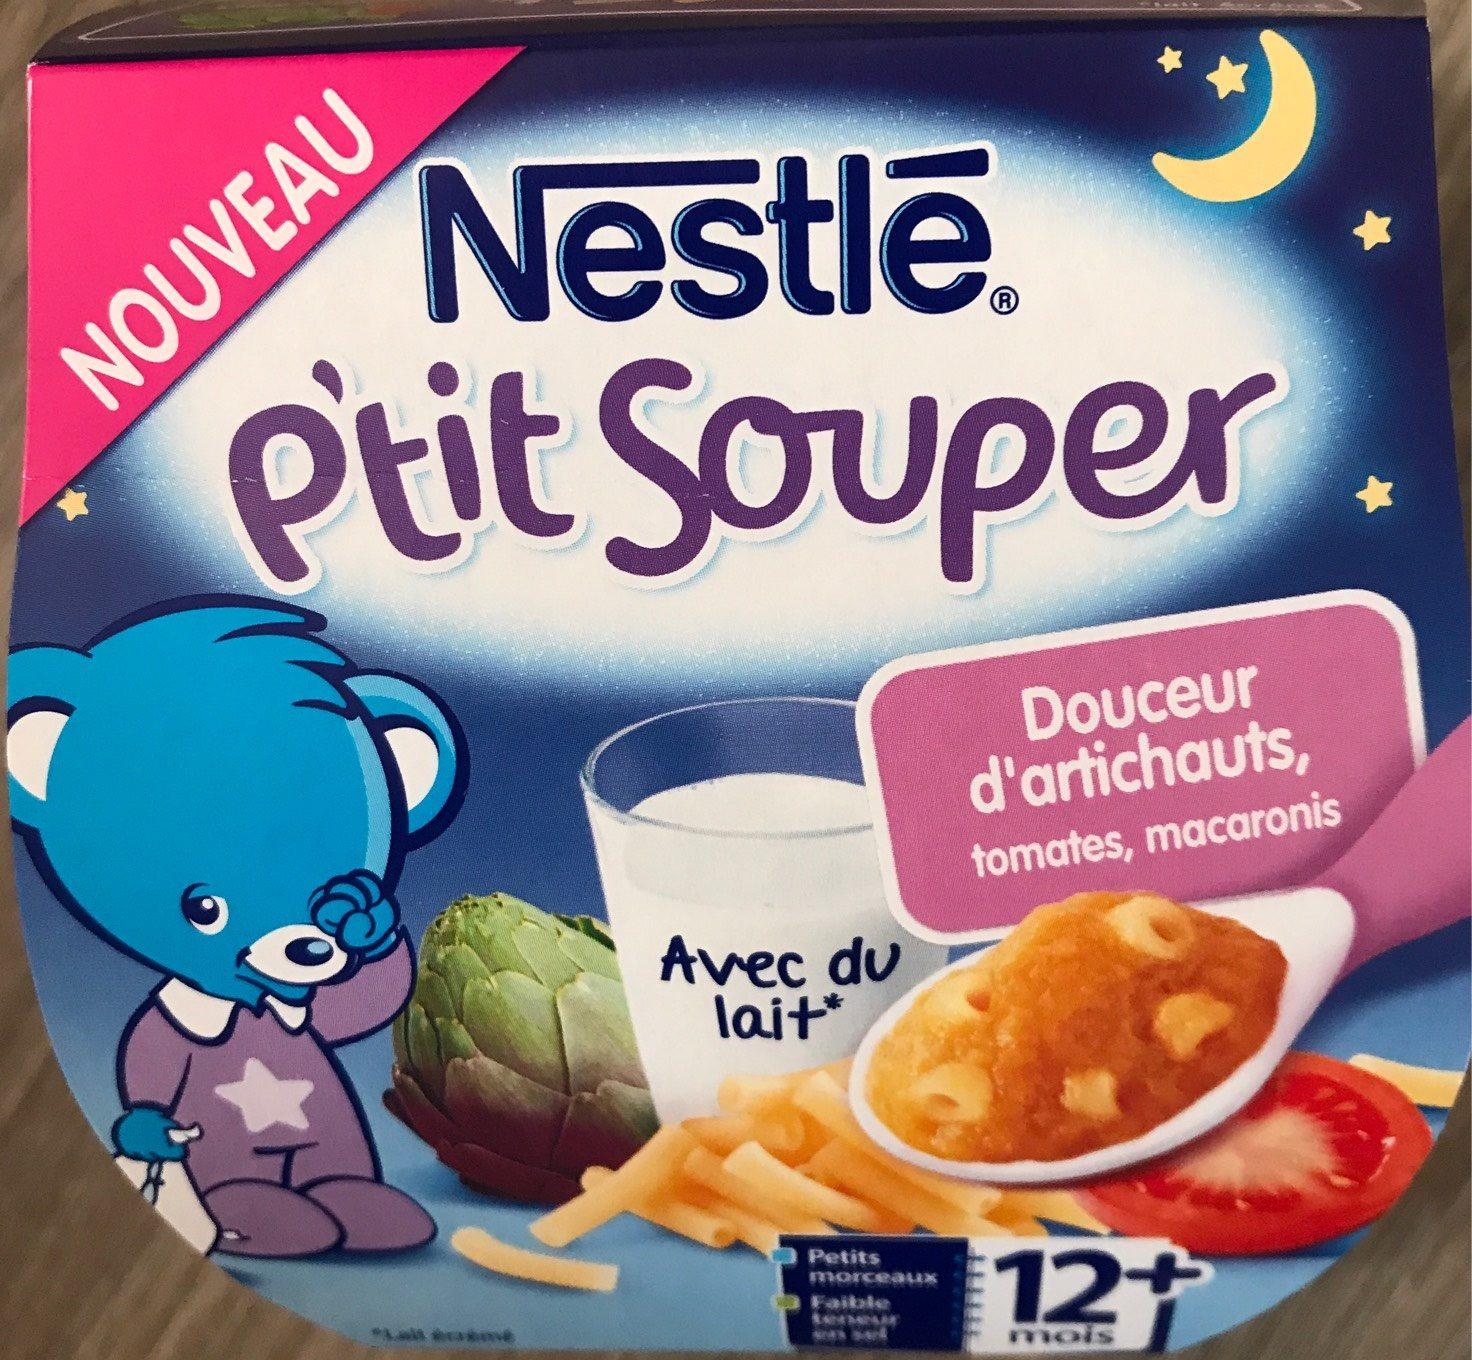 P'tit souper douceur d'artichauts, tomates, macaronis - Product - fr